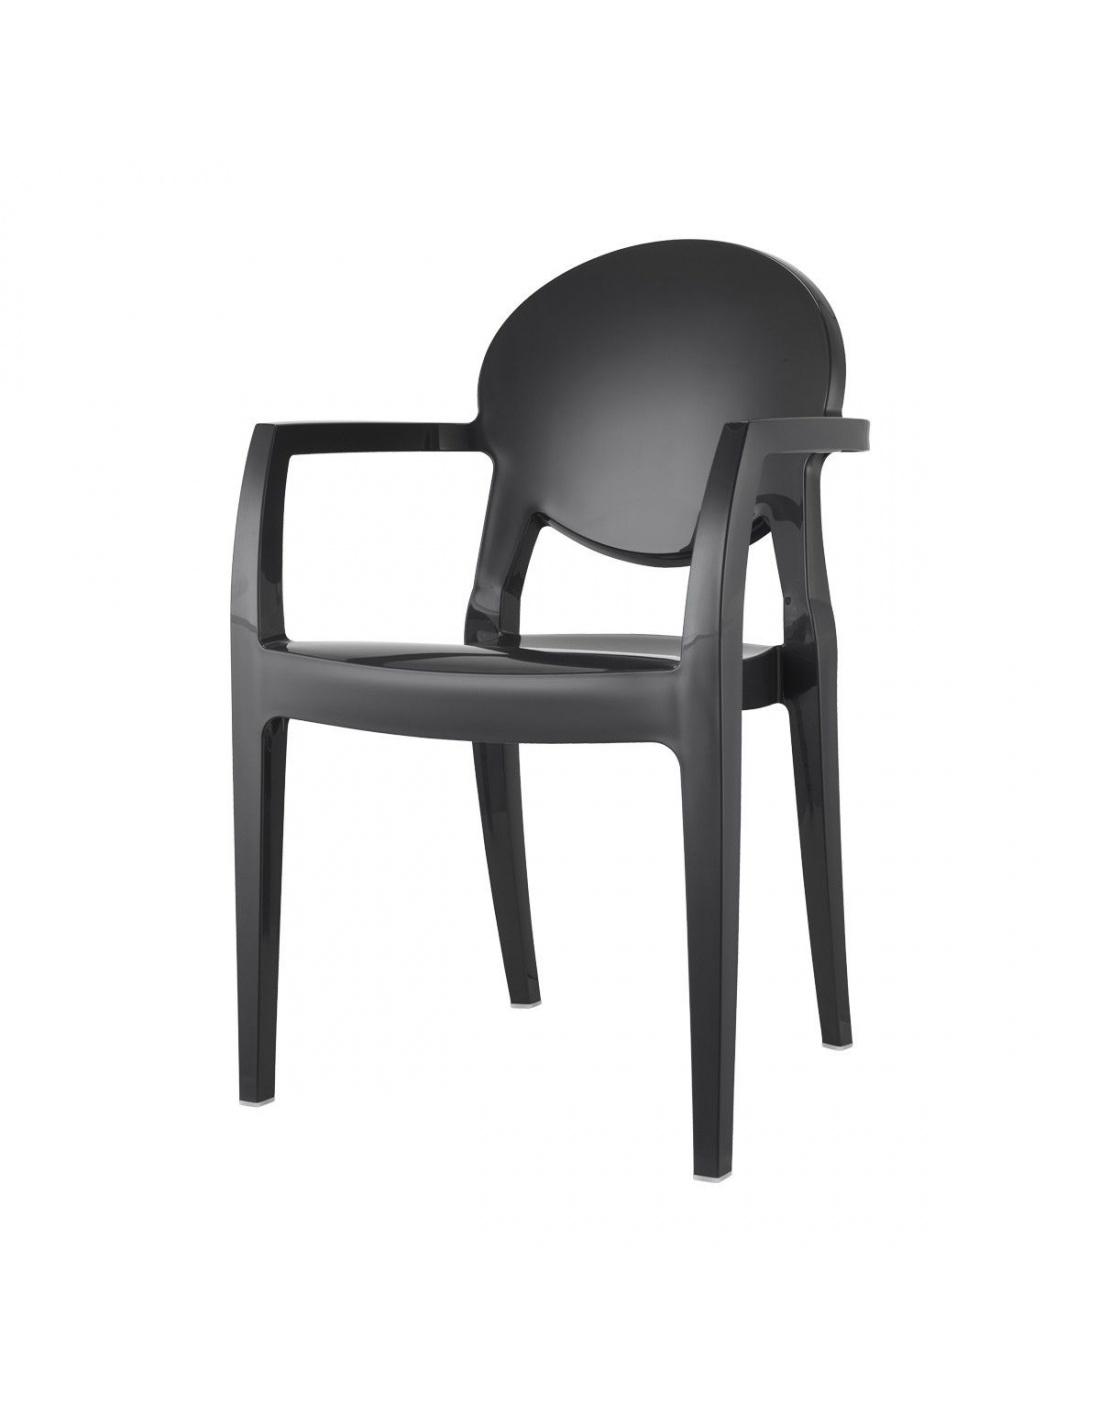 Igloo tecnopolimero sedia scab design minimo 4 pezzi for Sedie giardino moderne